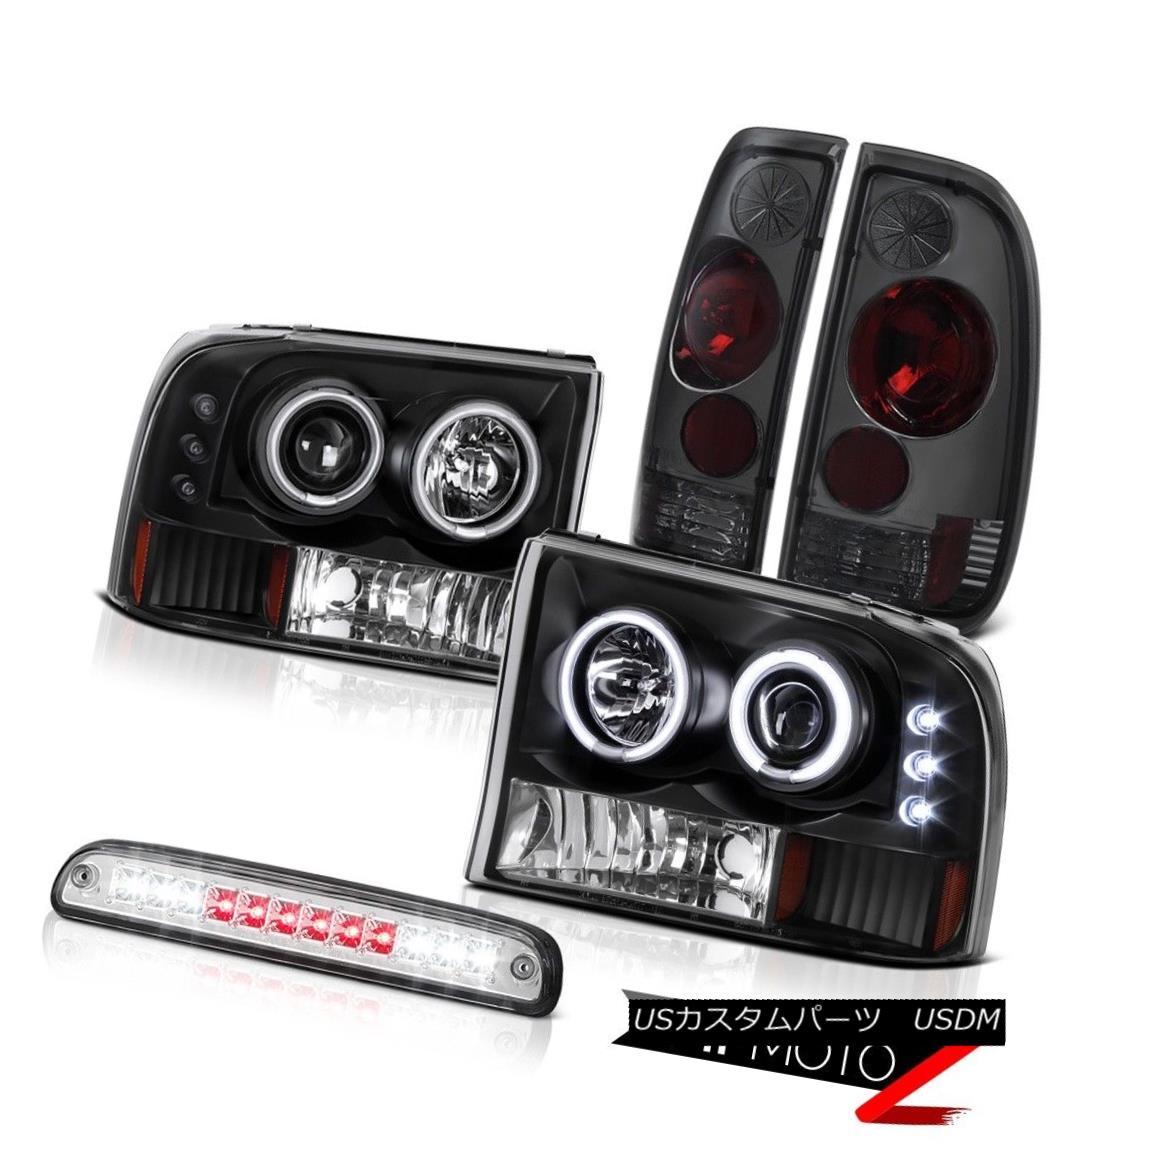 ヘッドライト Projector Headlights Chrome 3rd Brake LED Tail Lamps 1999-2004 F250 Turbo Diesel プロジェクターヘッドライトChrome 3rdブレーキLEDテールランプ1999-2004 F250ターボディーゼル